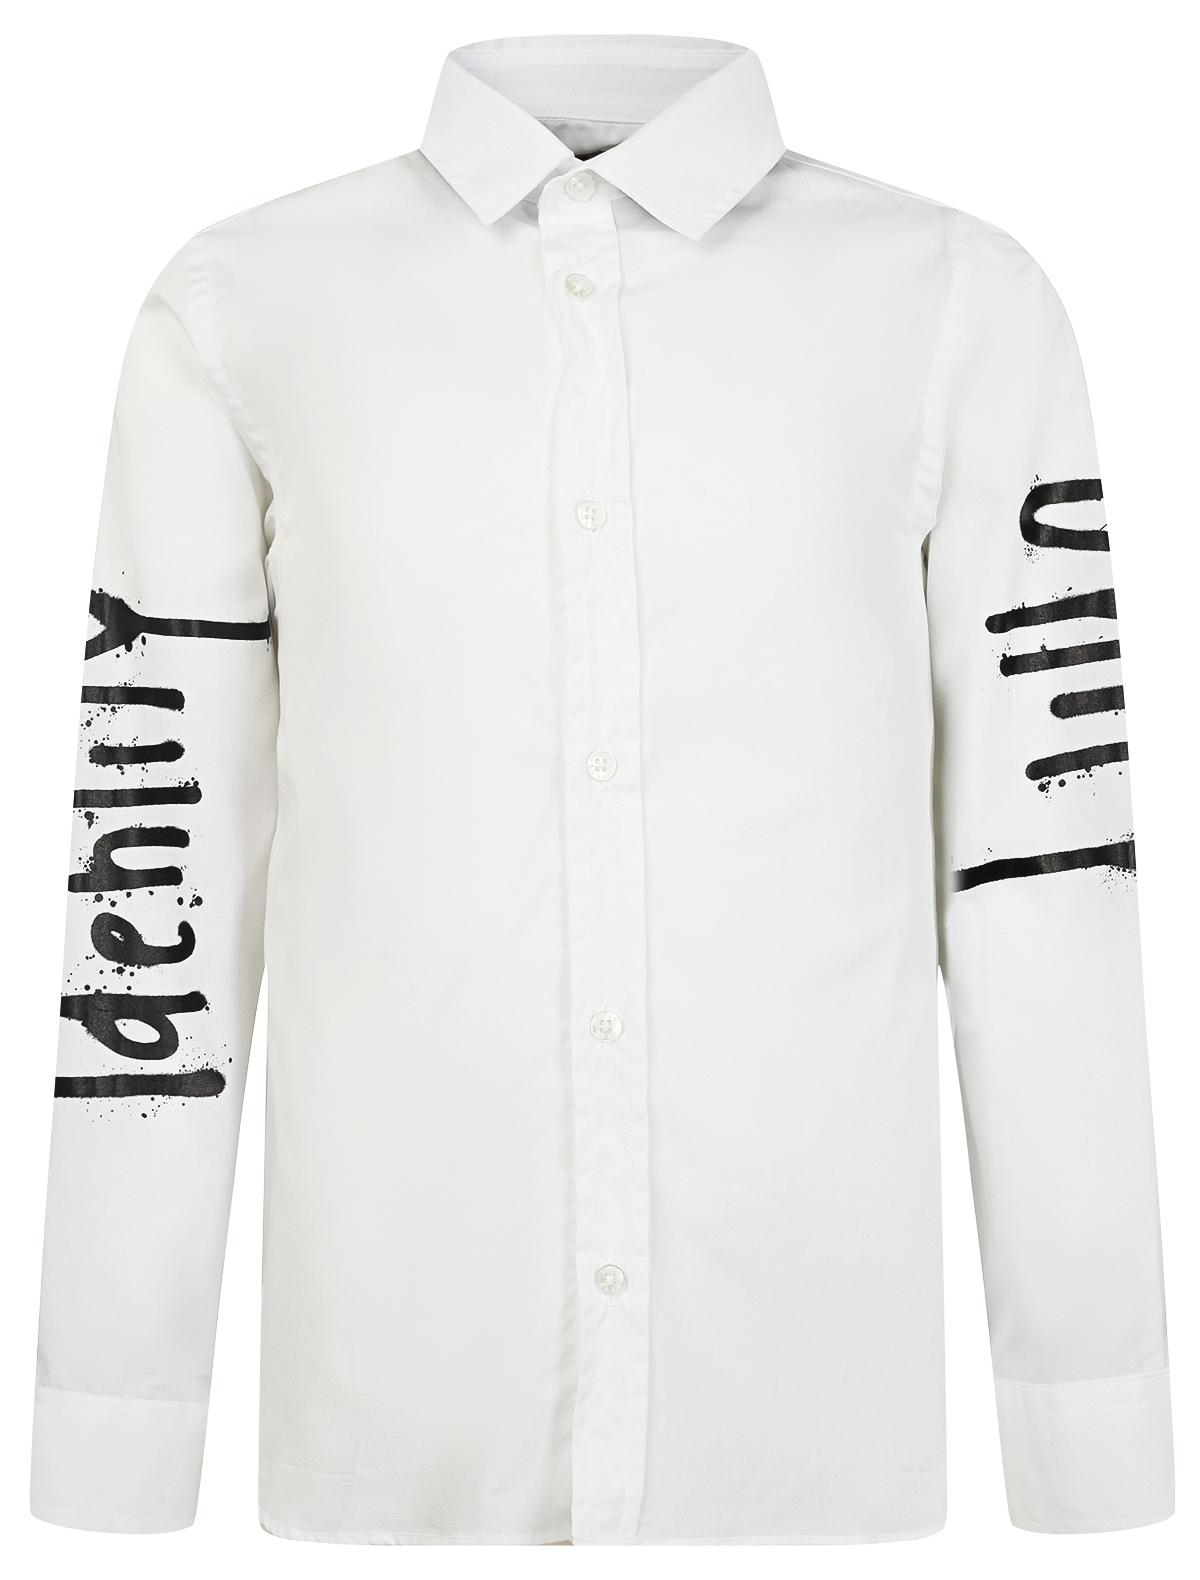 Купить 2032779, Рубашка MSGM, белый, Мужской, 1011219980051